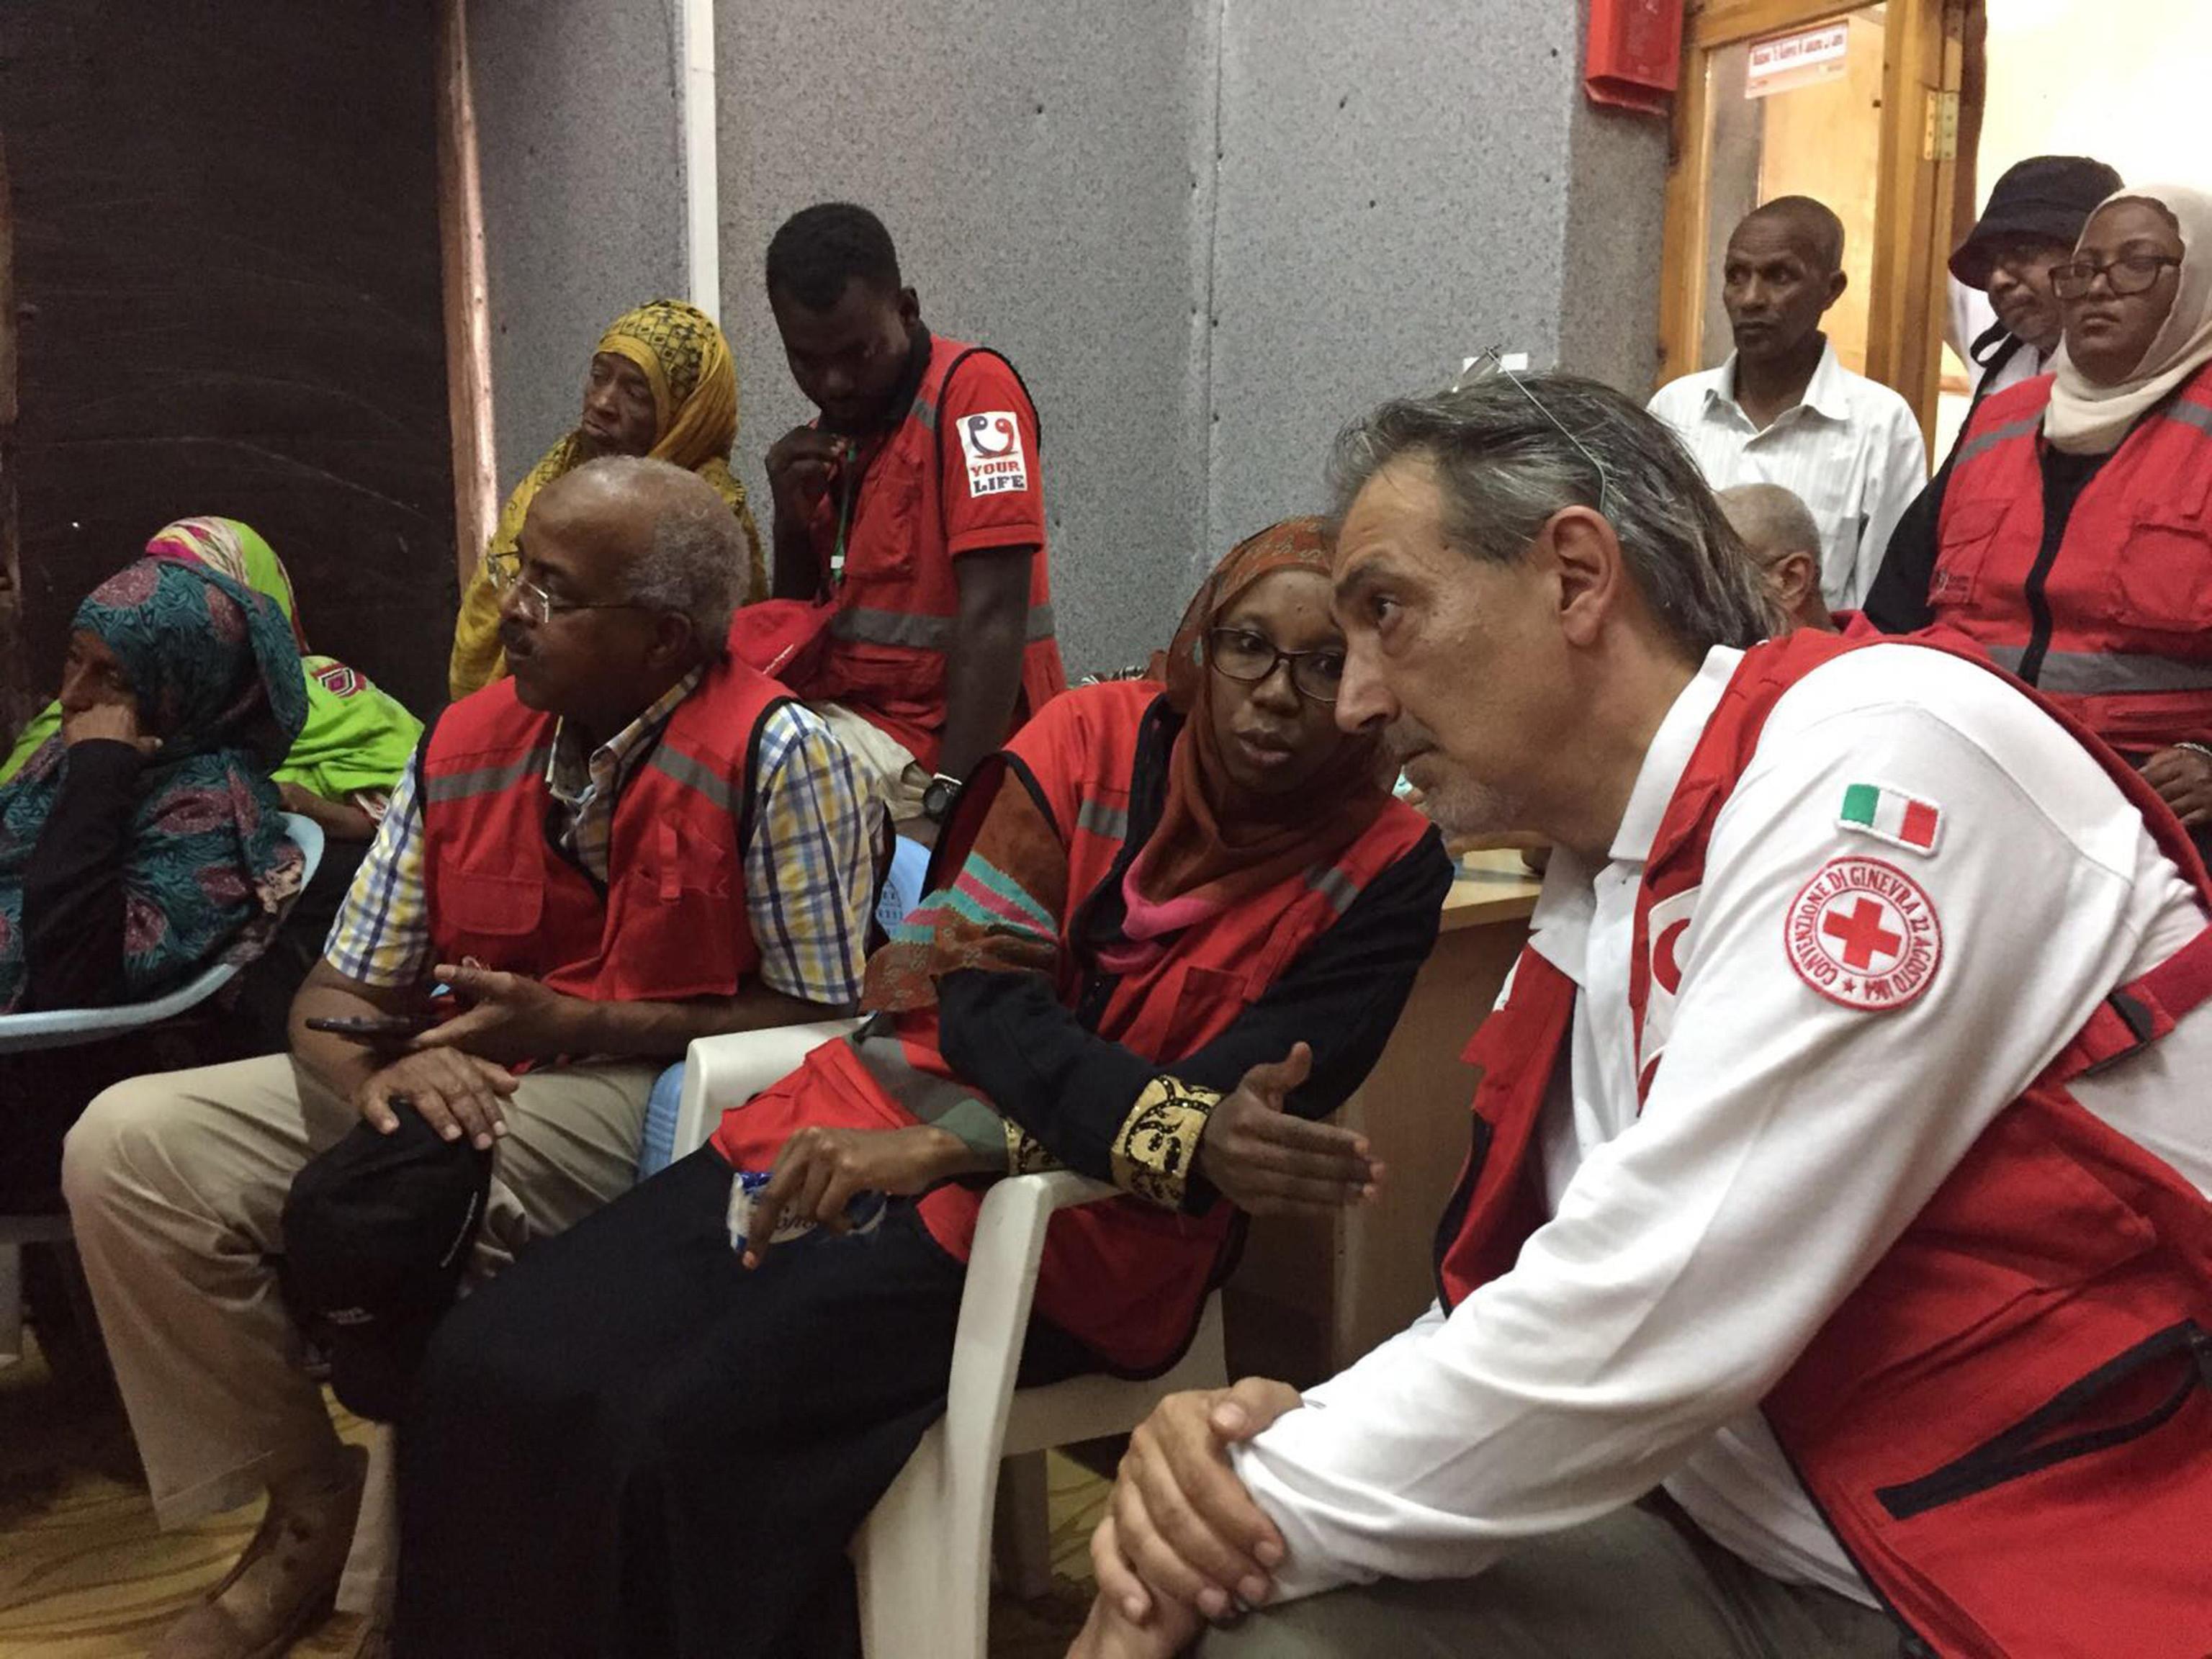 Rocca a capo Croce Rossa internazionale